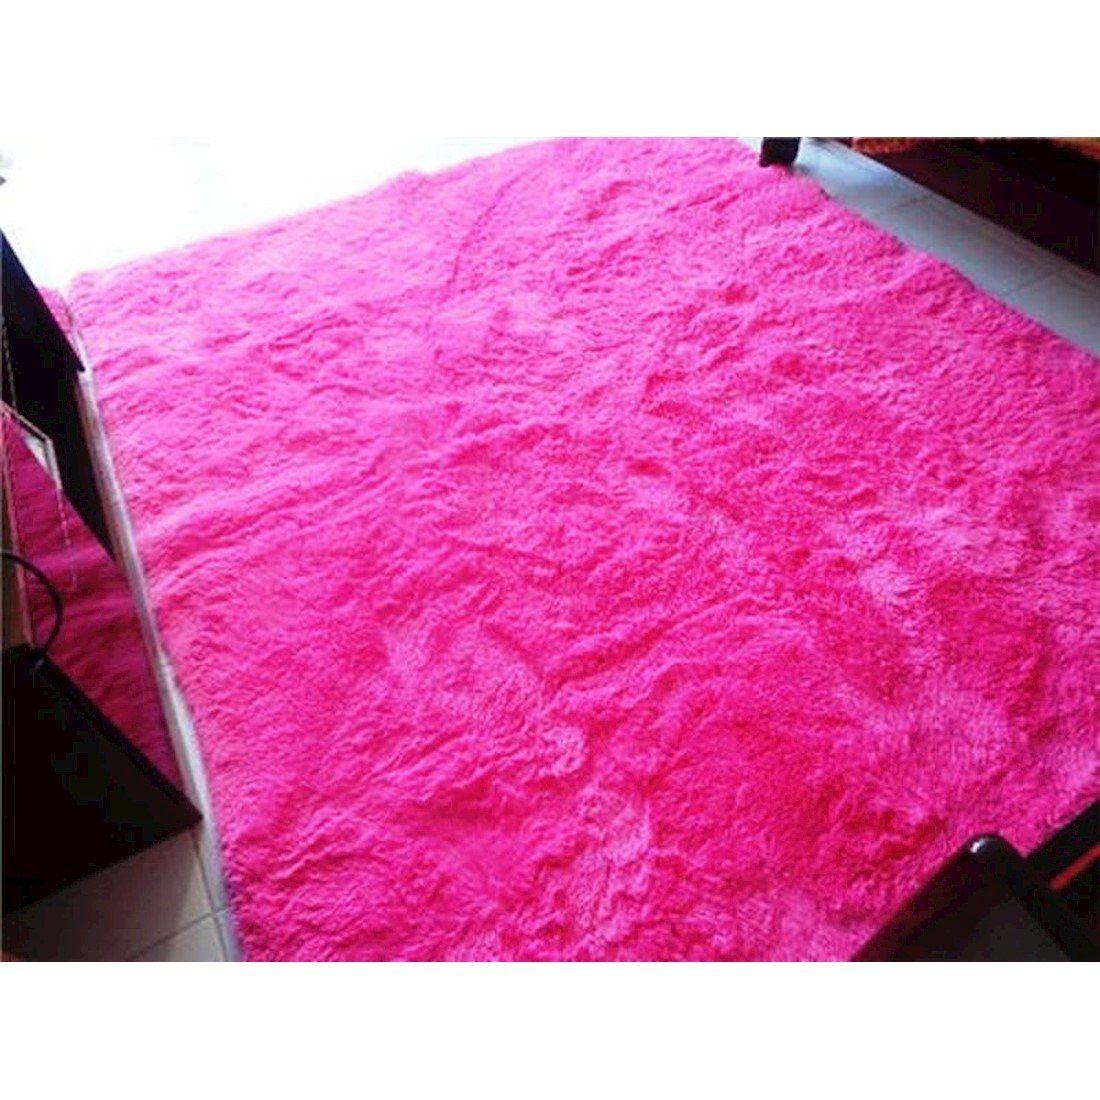 Tapete Peludo Apolo 150x200 Pink  Prata Têxtil